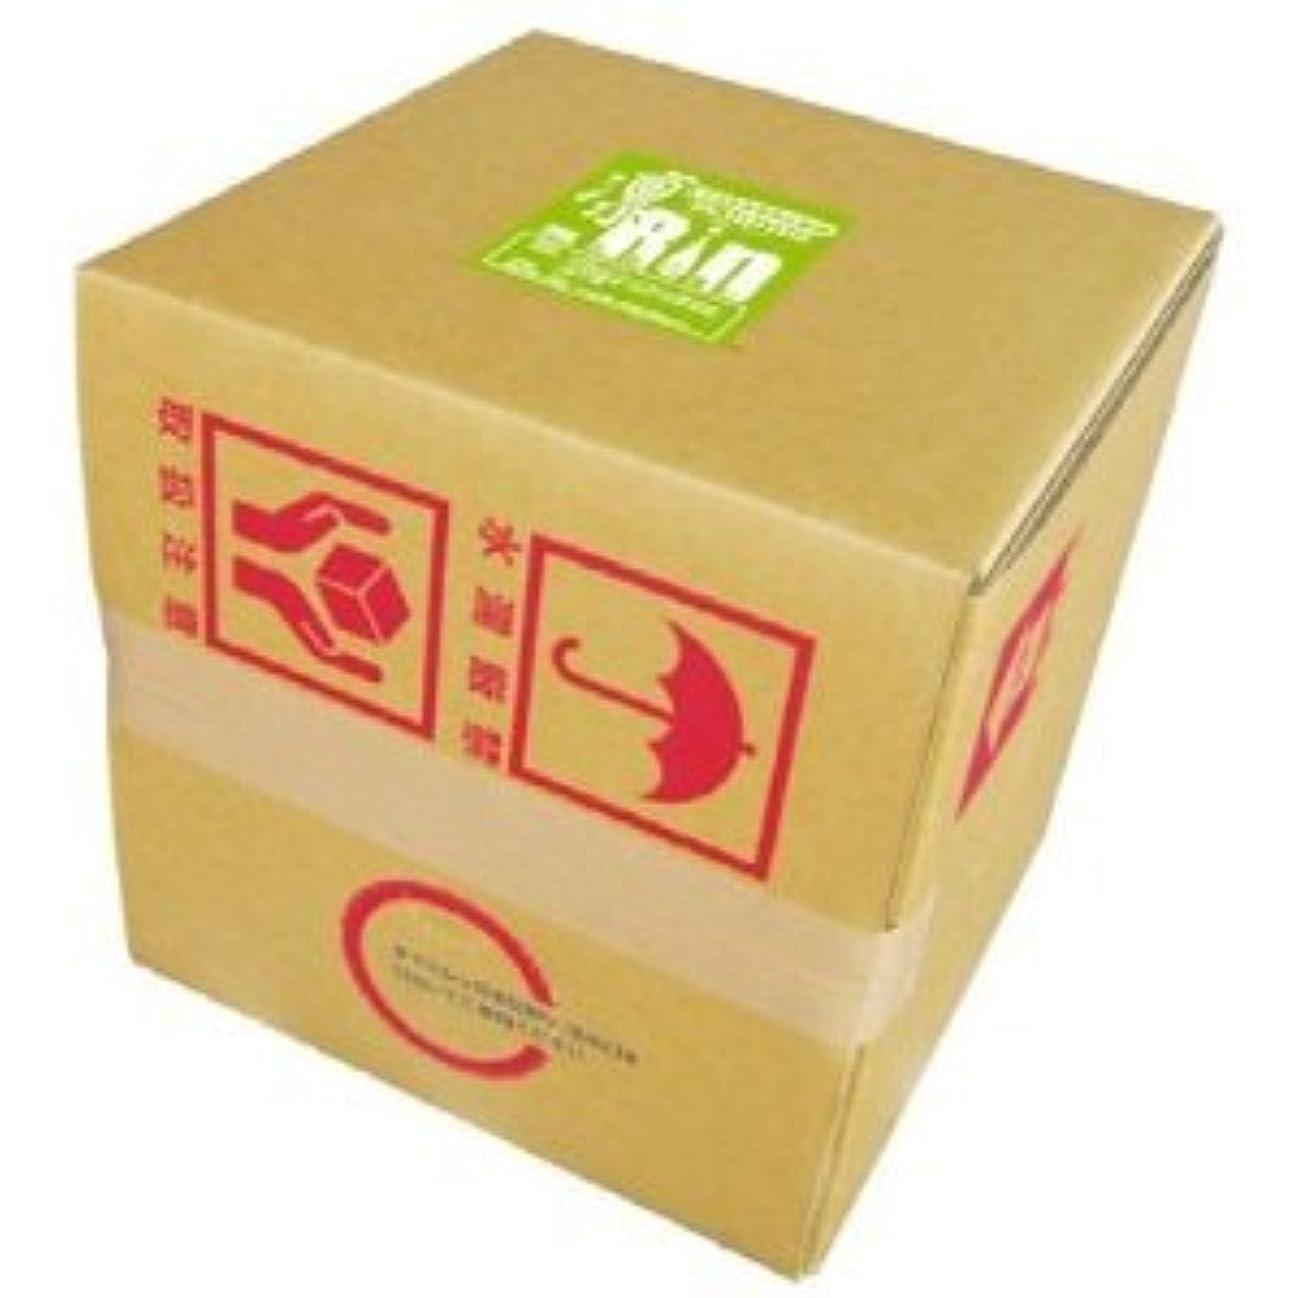 腐敗したに対して盗賊くさの葉化粧品 ボディソープ 凛 20リットル 箱